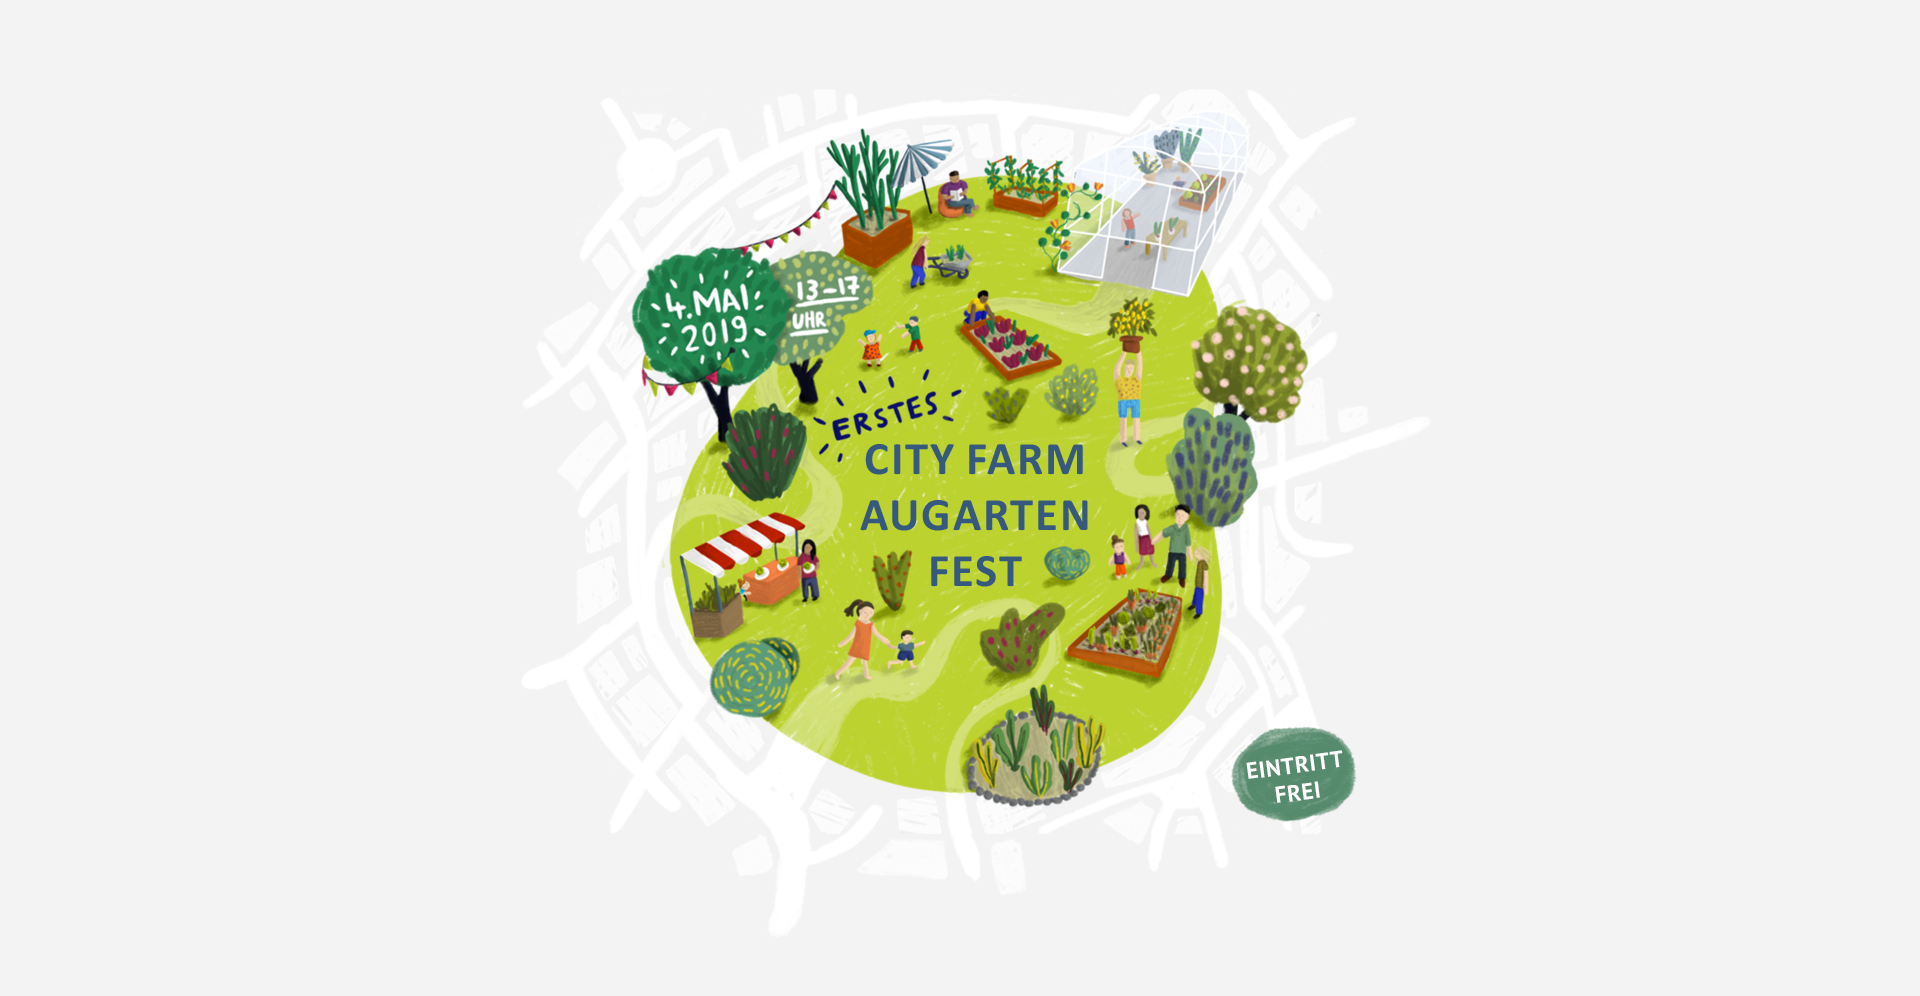 ERSTES CITY FARM AUGARTEN FEST